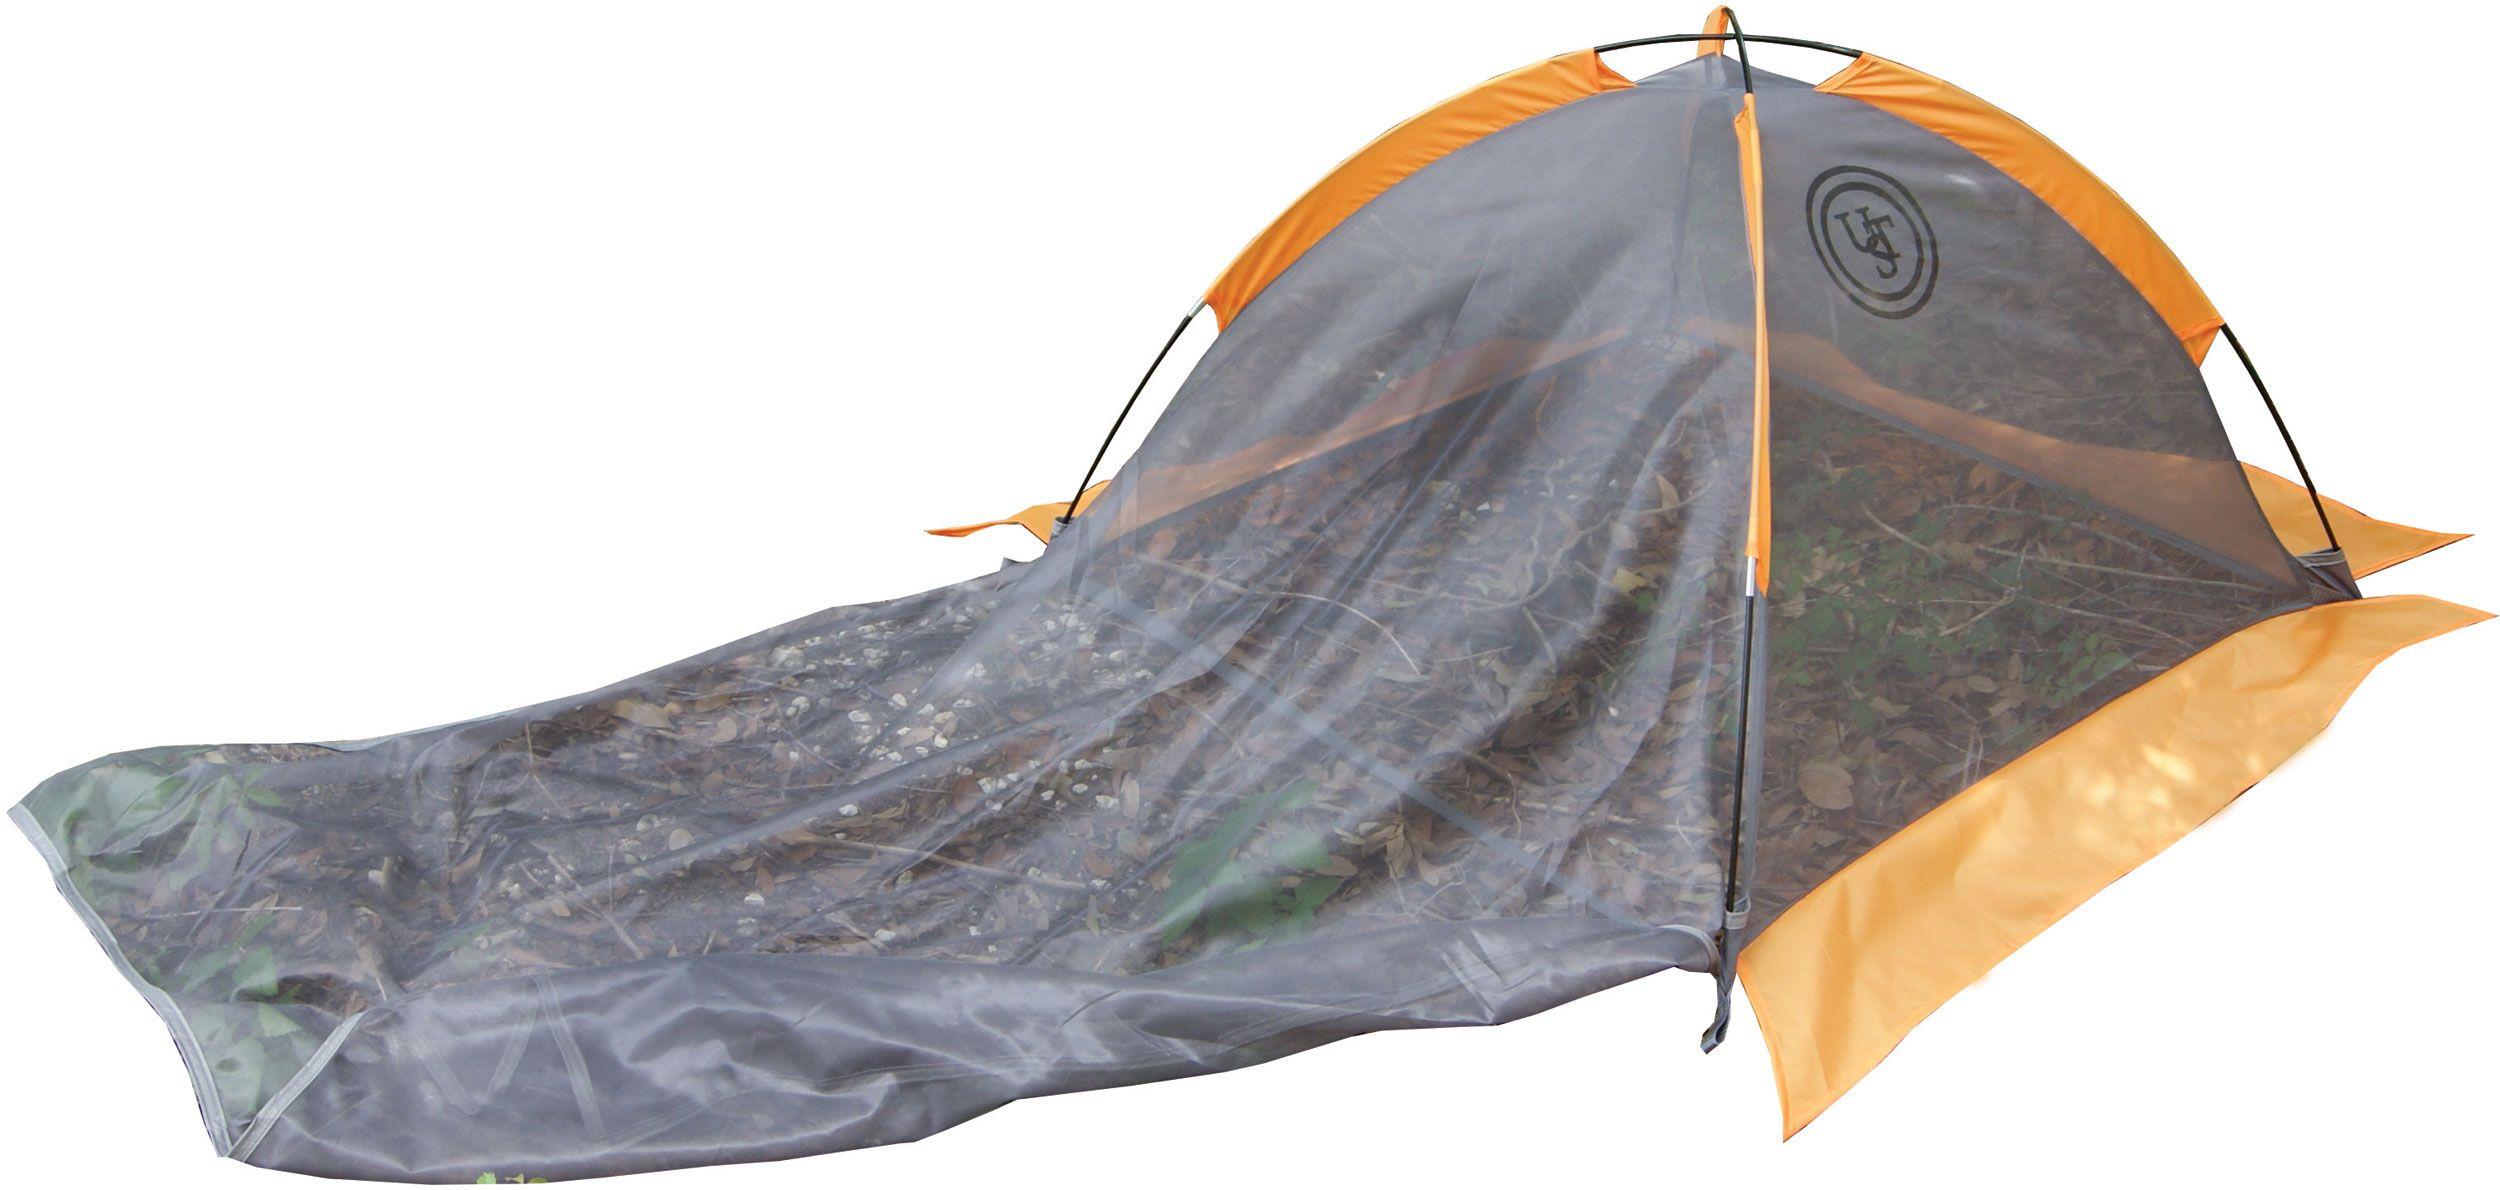 UST Ultimate Survival BASE Bug Tent